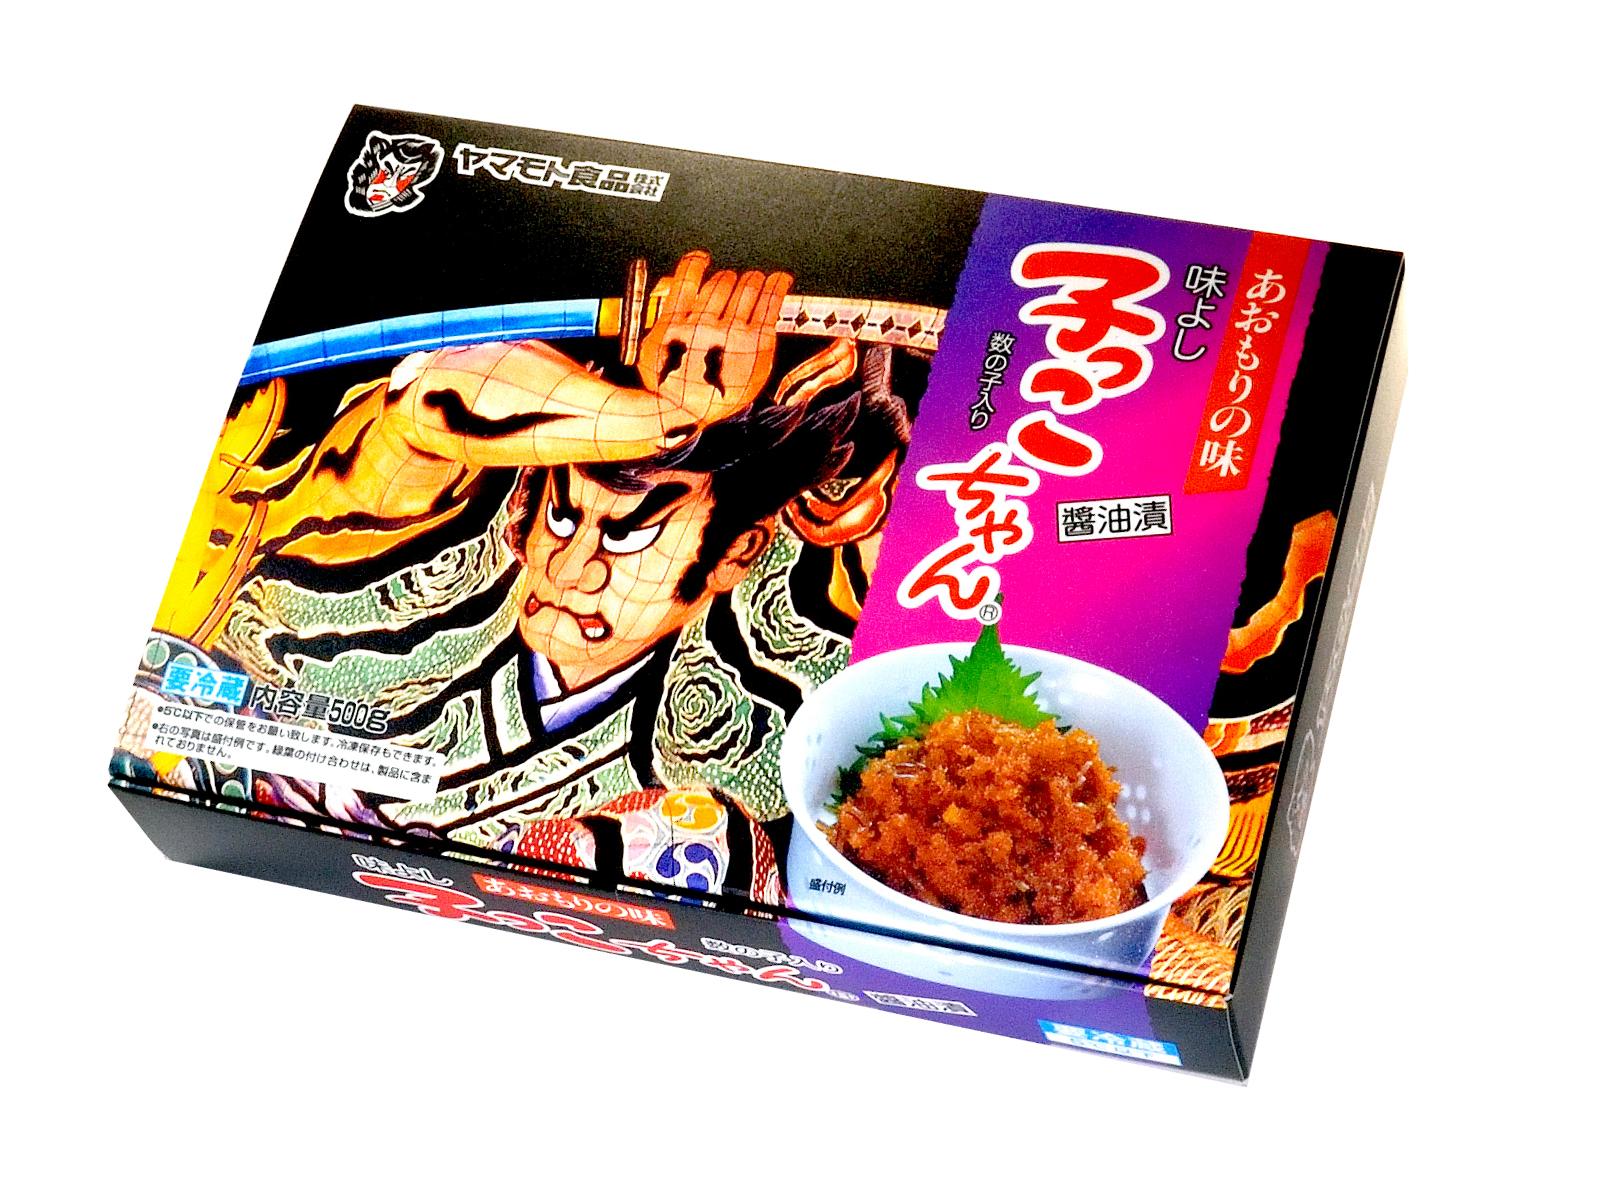 味よし子っこちゃんⓇ(500g)